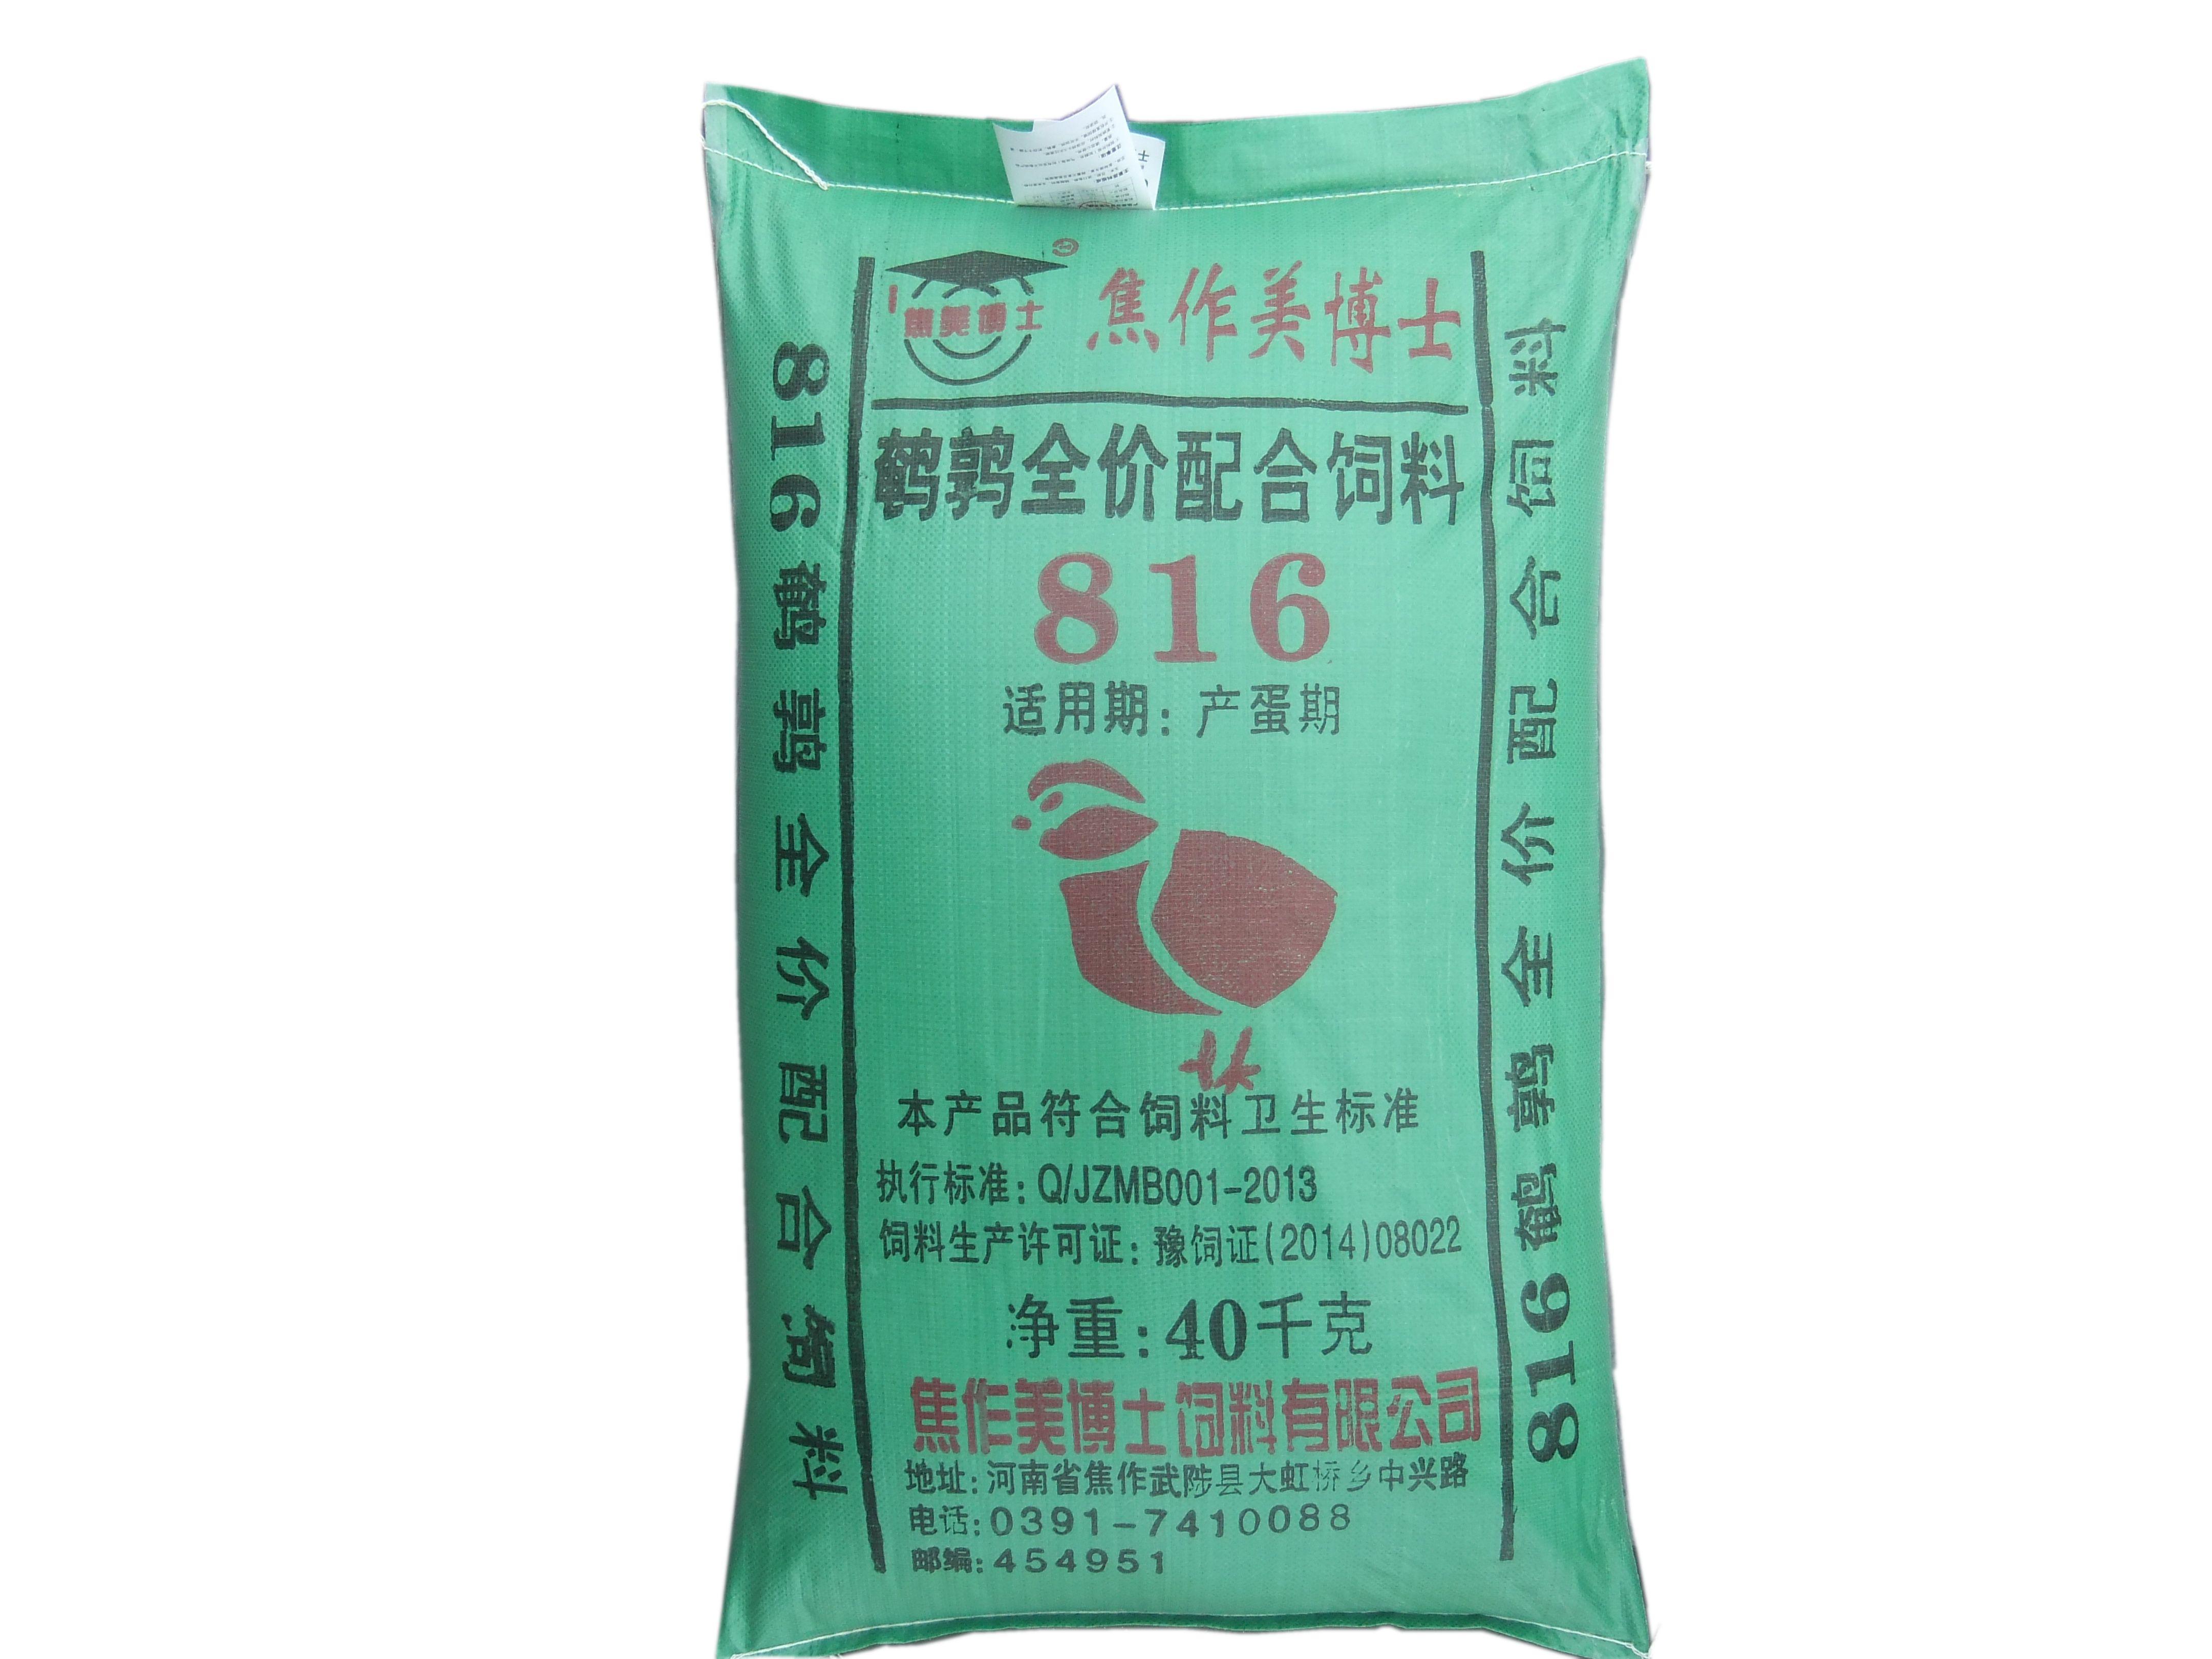 816鹌鹑饲料全价料产蛋高峰期料